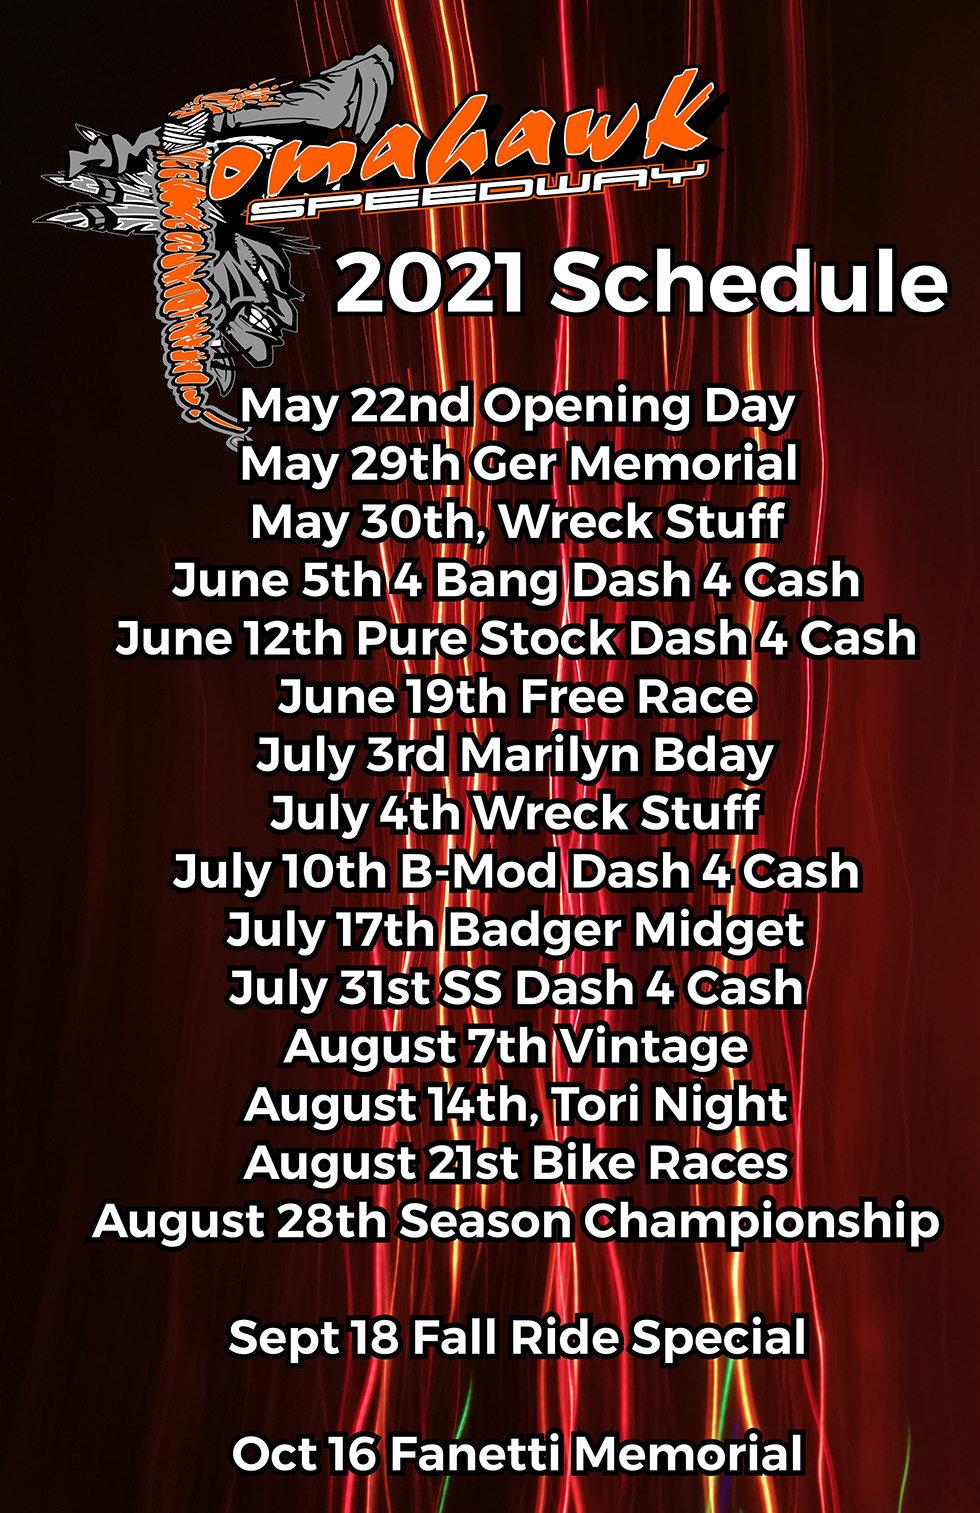 2021_Schedule.jpg